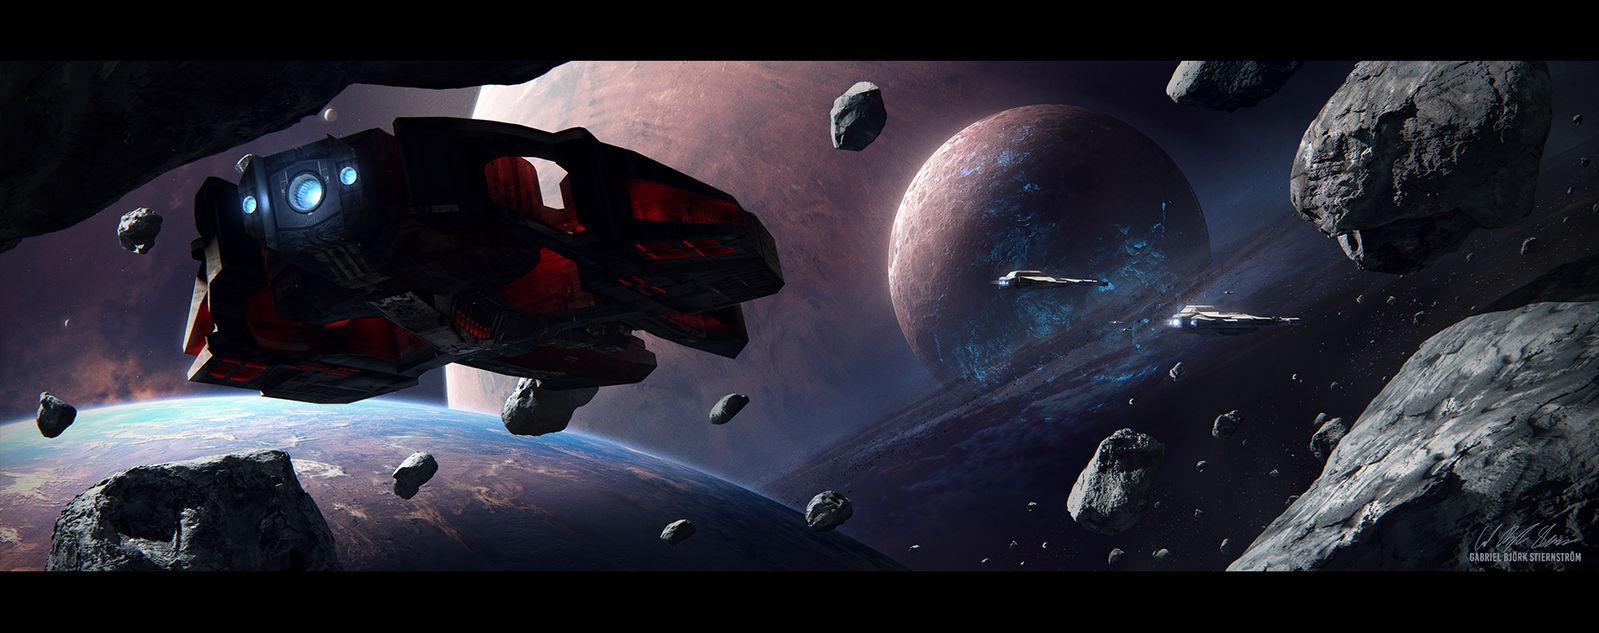 Hades' Star - Cerberus Interceptor by GabrielBStiernstrom